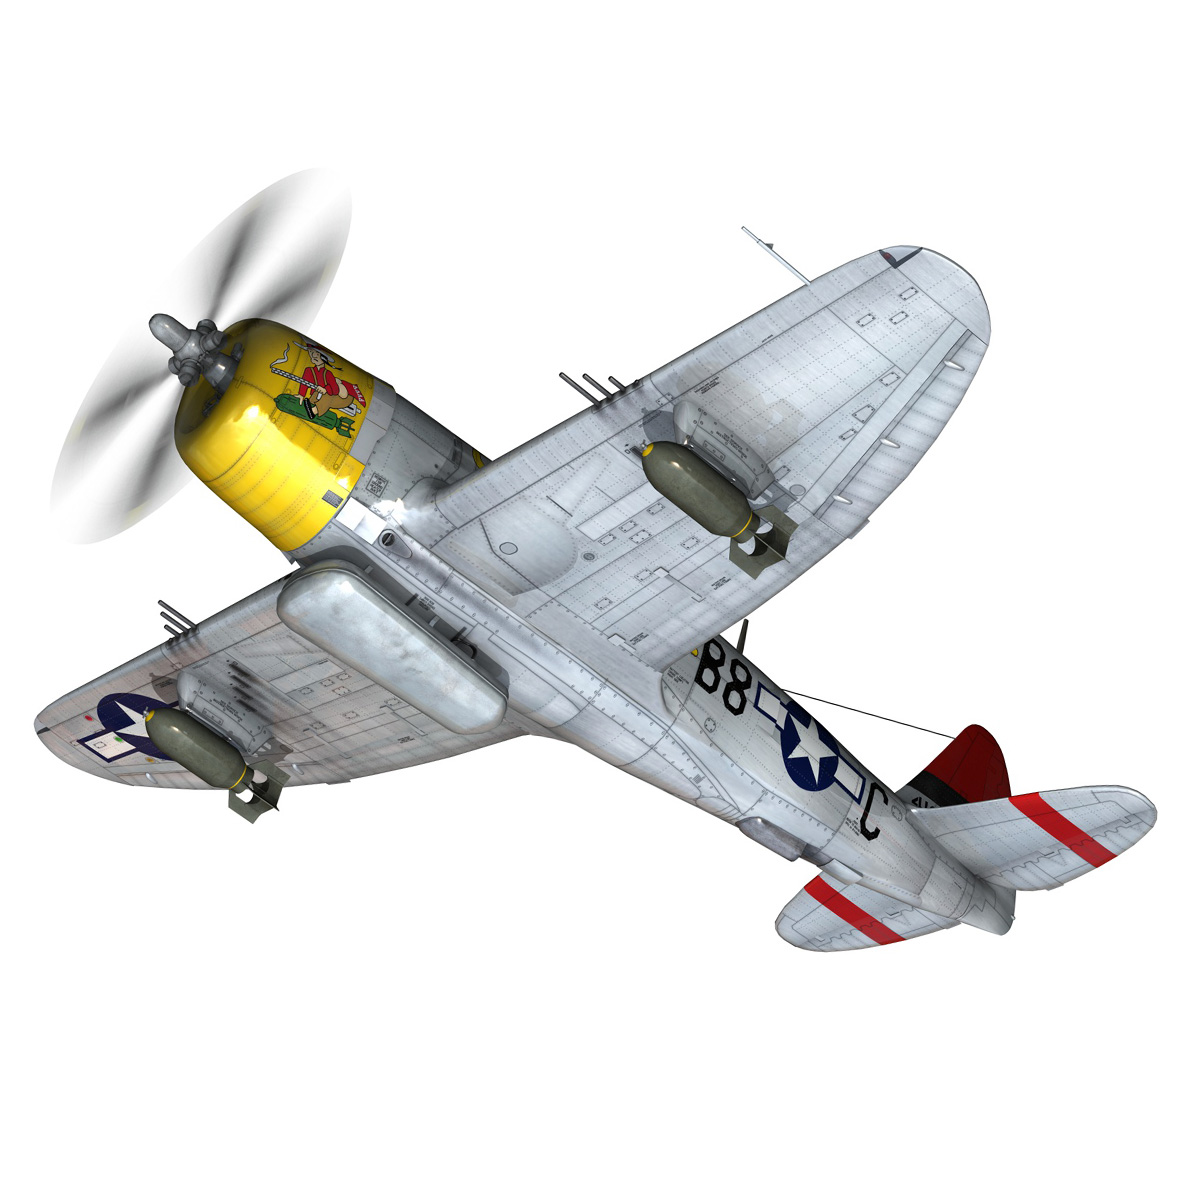 republic p-47d thunderbolt – chief seattle 3d model fbx c4d lwo obj 268204